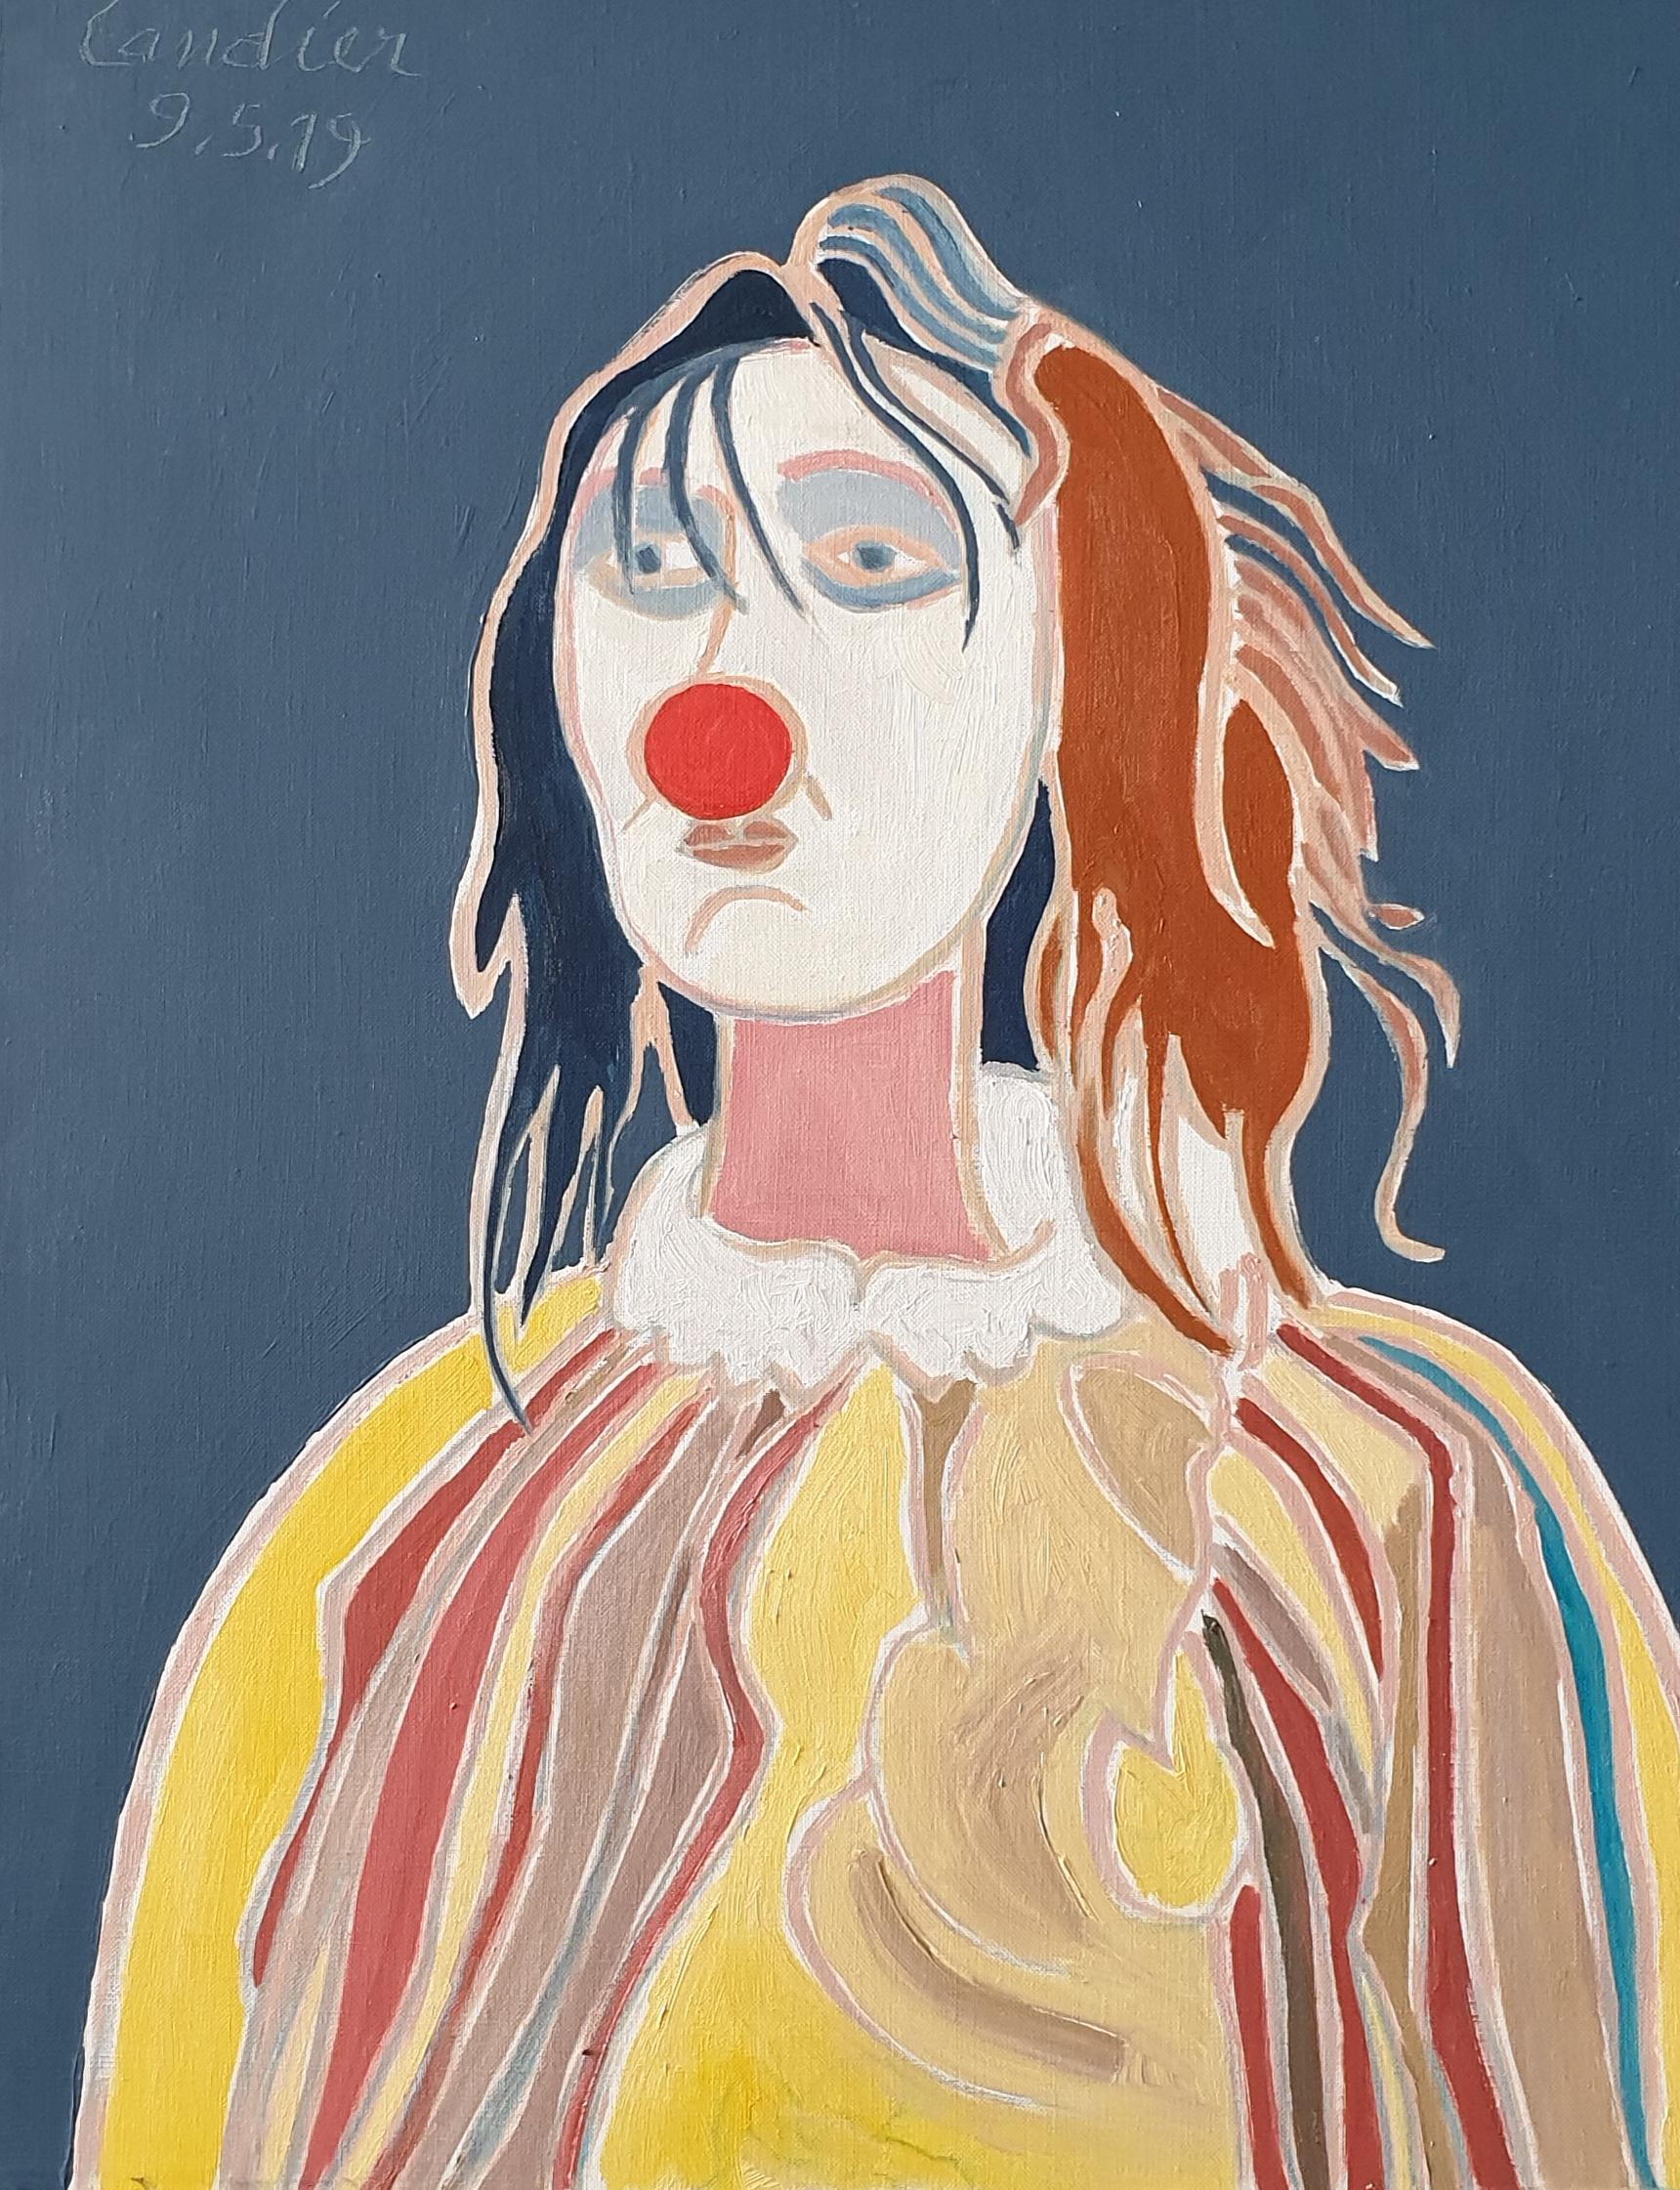 La clown au nez rougz Peinture de Henri LANDIER 2019 73x60 cm Prix : 9 600 €